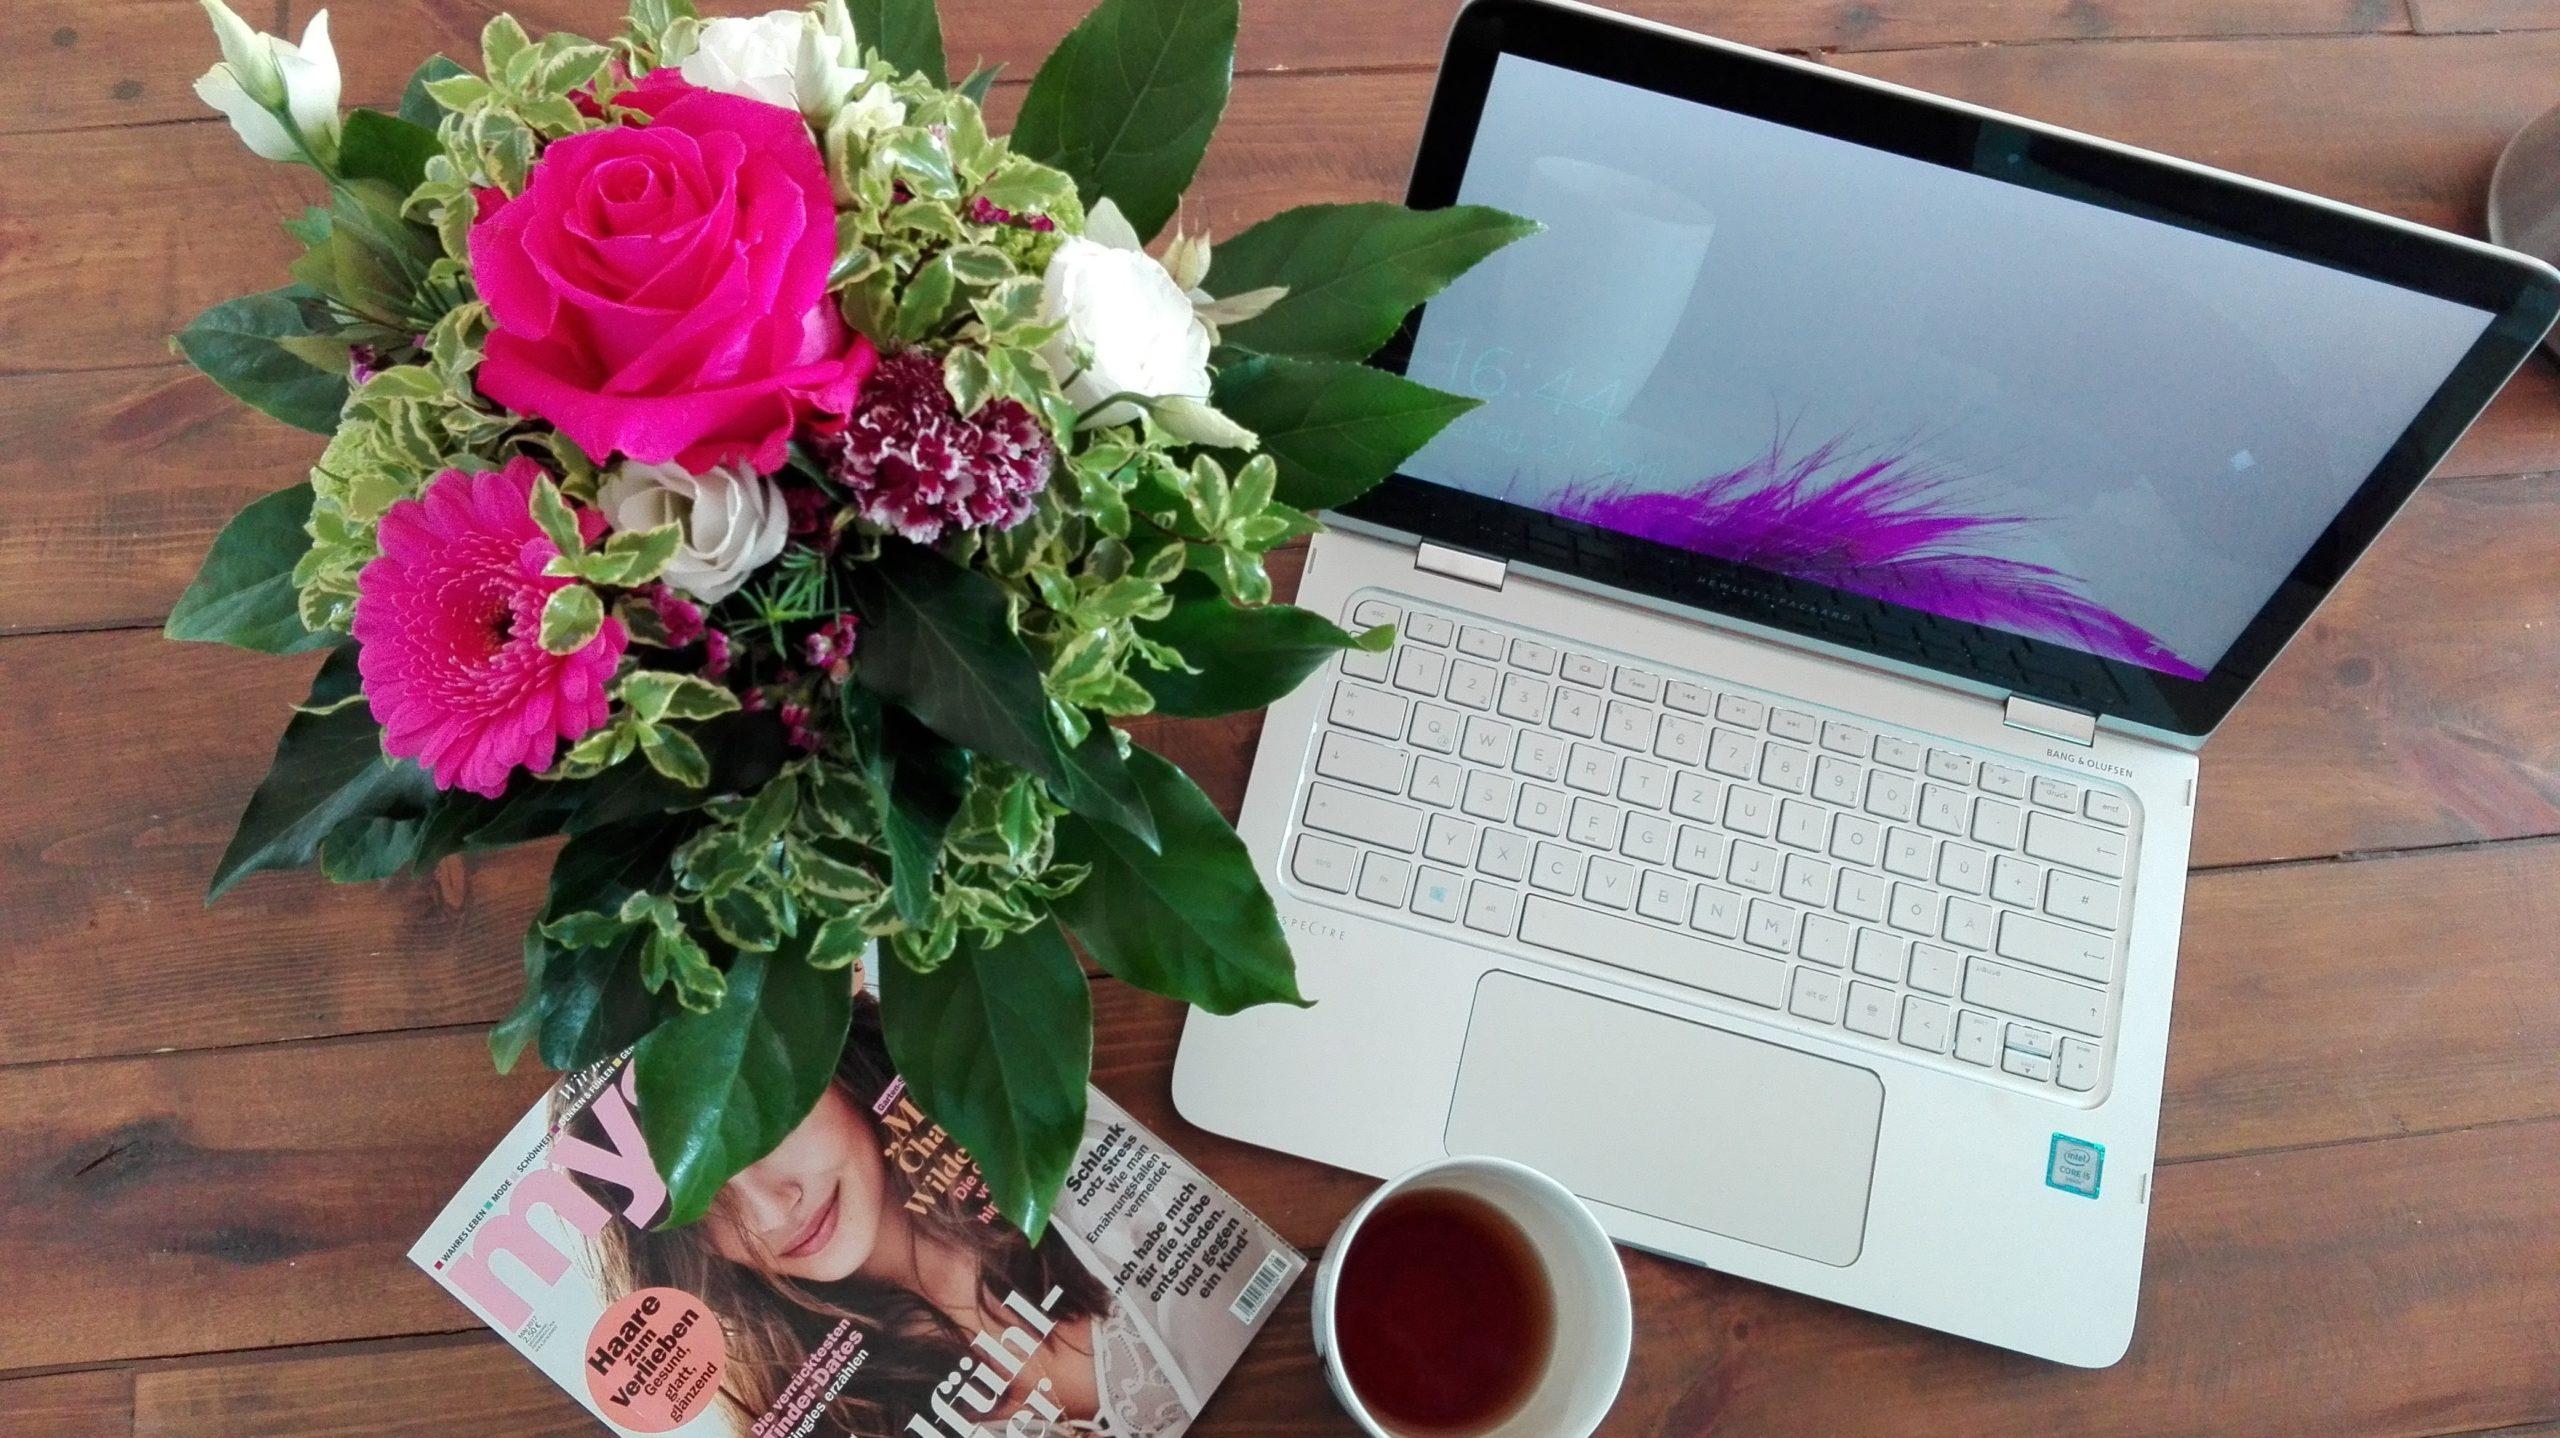 Schoenes Flatlay mit Dingen aus dem Alltag: Laptop, Zeitschrift, Blumen